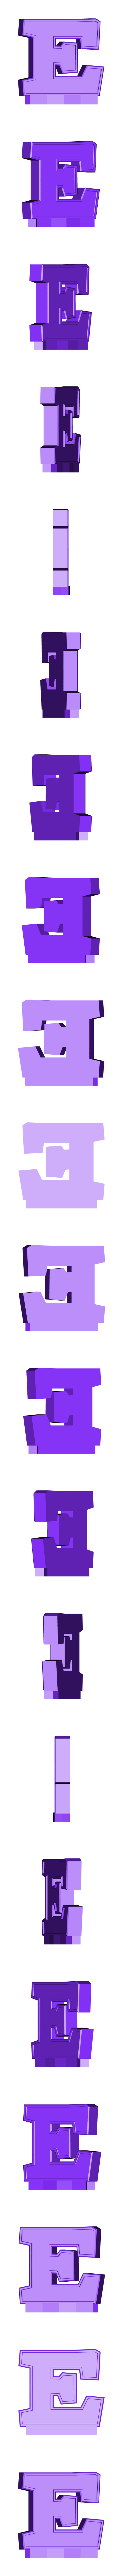 Stocking_hangers_E.stl Télécharger fichier STL gratuit Cintres de bas de parapet • Objet pour imprimante 3D, tone001